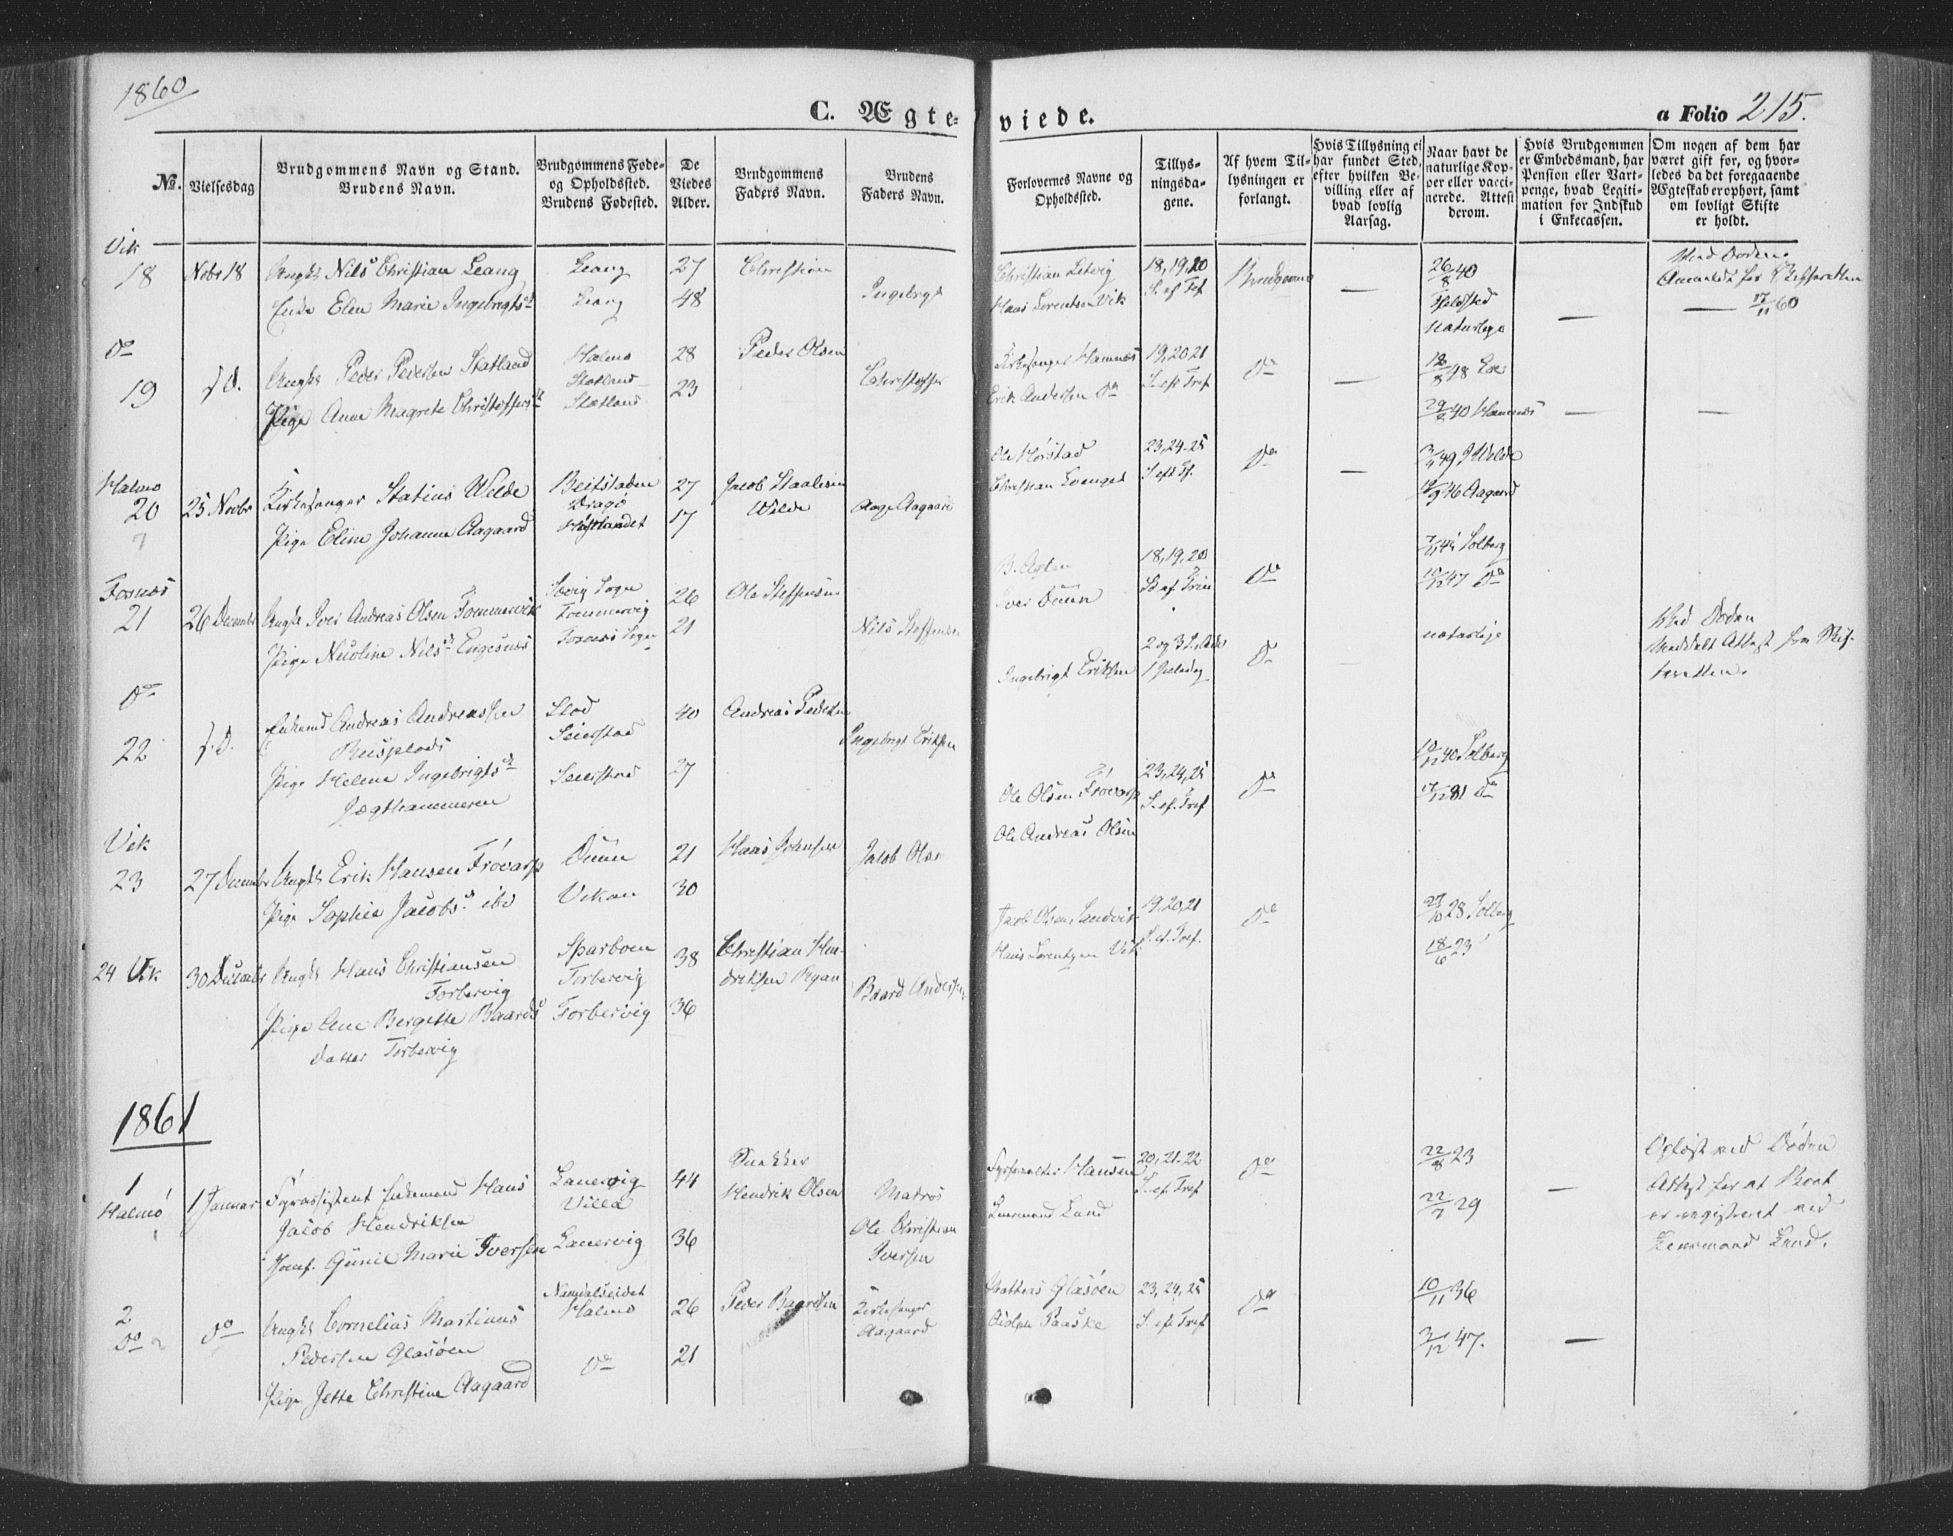 SAT, Ministerialprotokoller, klokkerbøker og fødselsregistre - Nord-Trøndelag, 773/L0615: Ministerialbok nr. 773A06, 1857-1870, s. 215